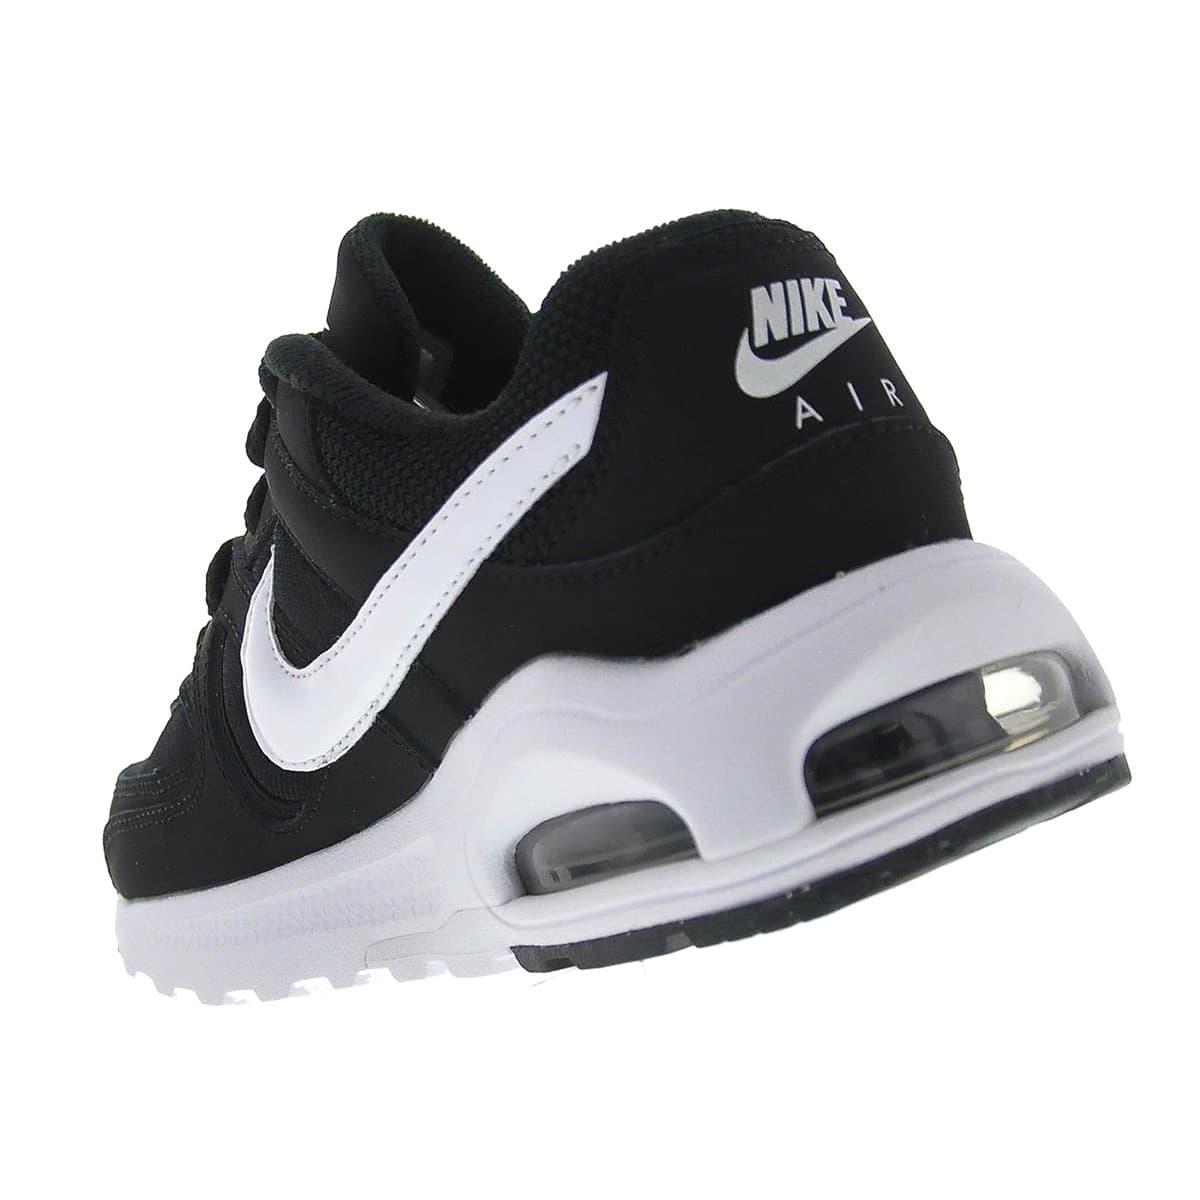 Air Max Command Flex Çocuk Siyah Koşu Ayakkabısı